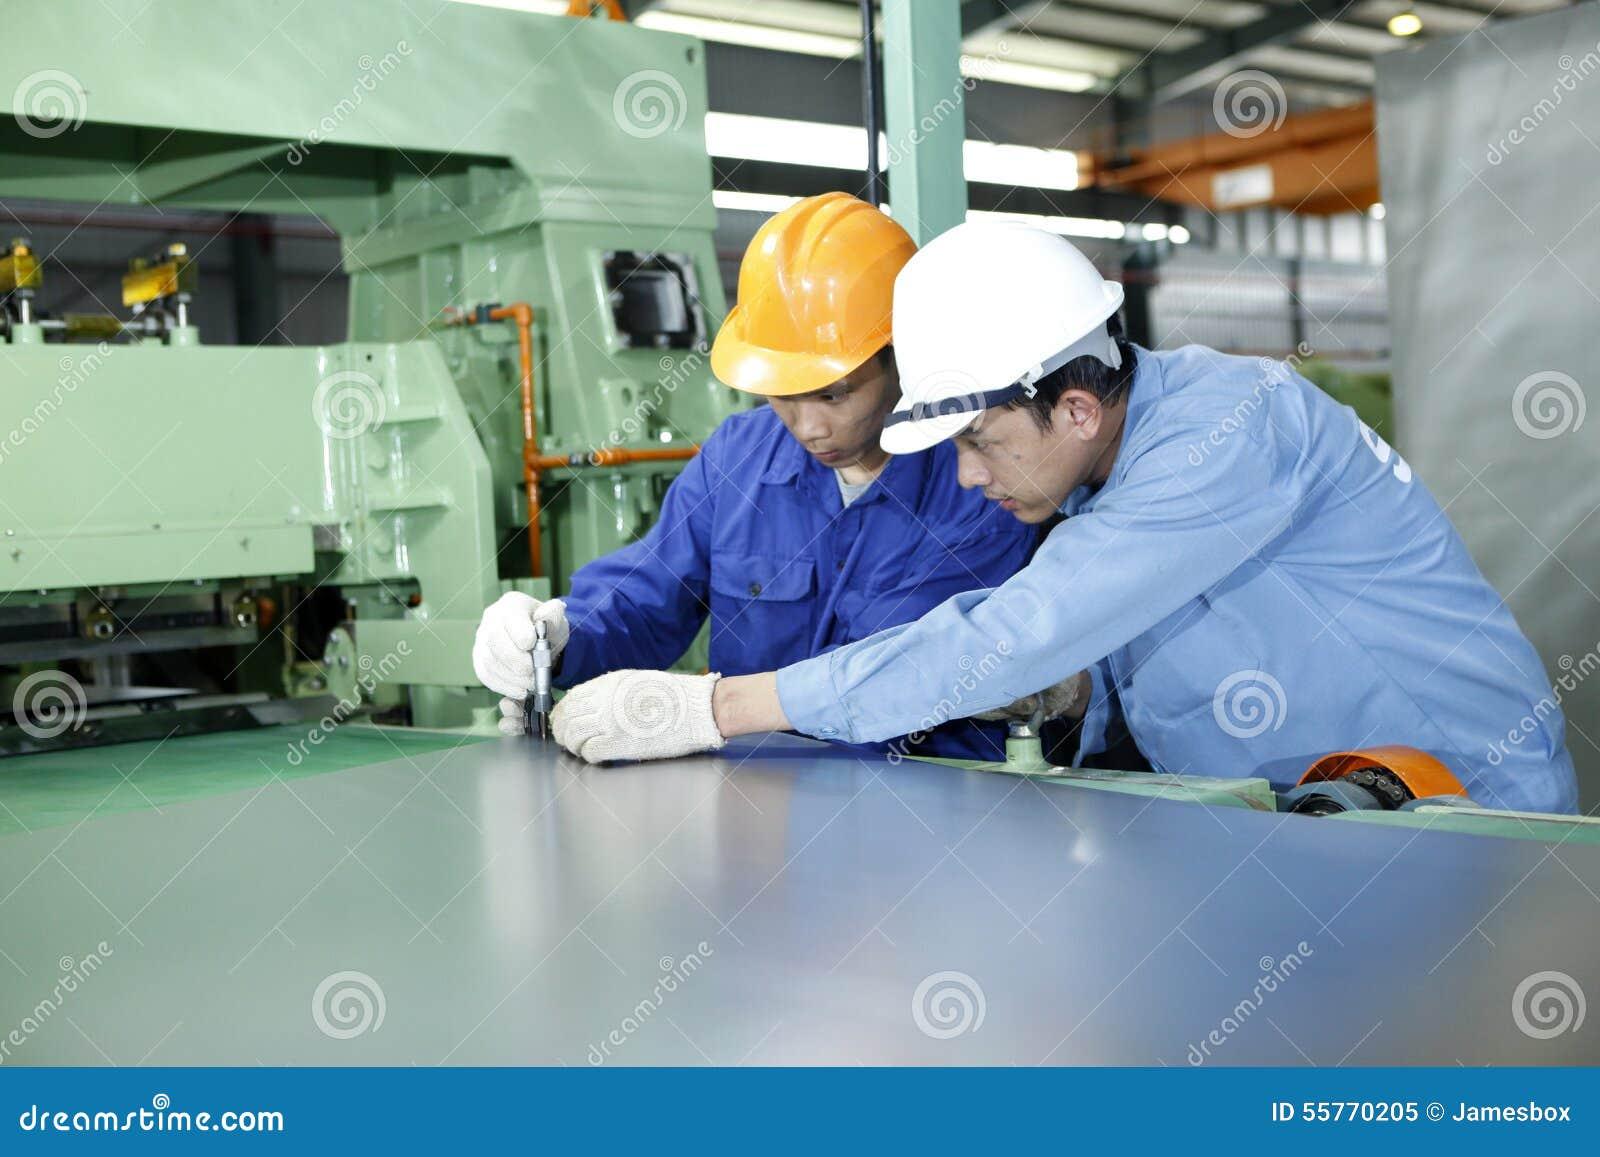 Zwei Arbeitskräfte arbeiten in einer mechanischen Werkstatt